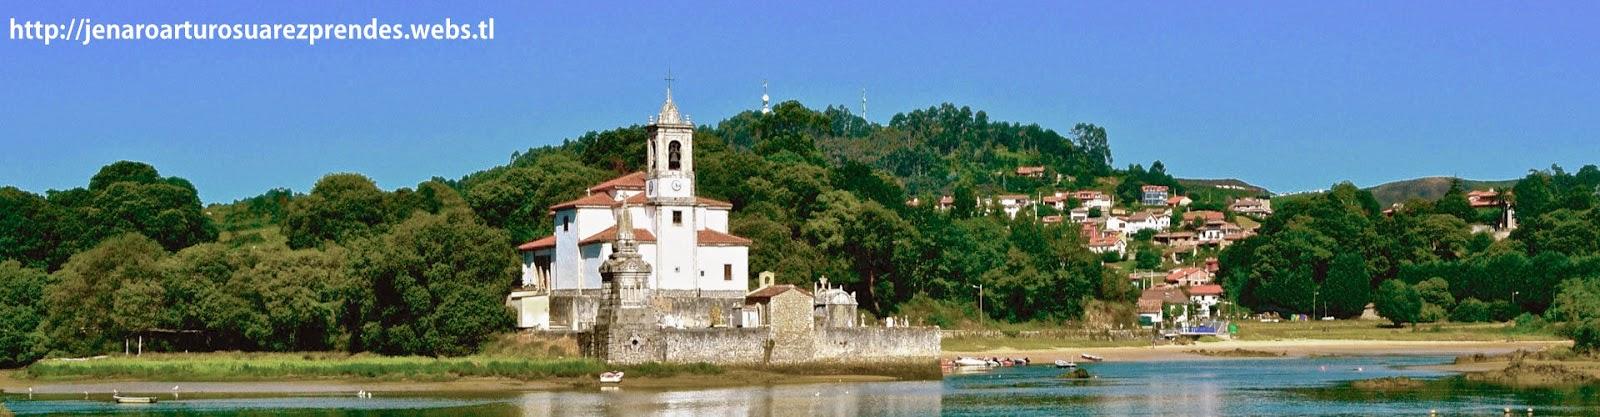 Asturias oriental caminos de la costa oriente de asturias for Cementerio jardin del mar